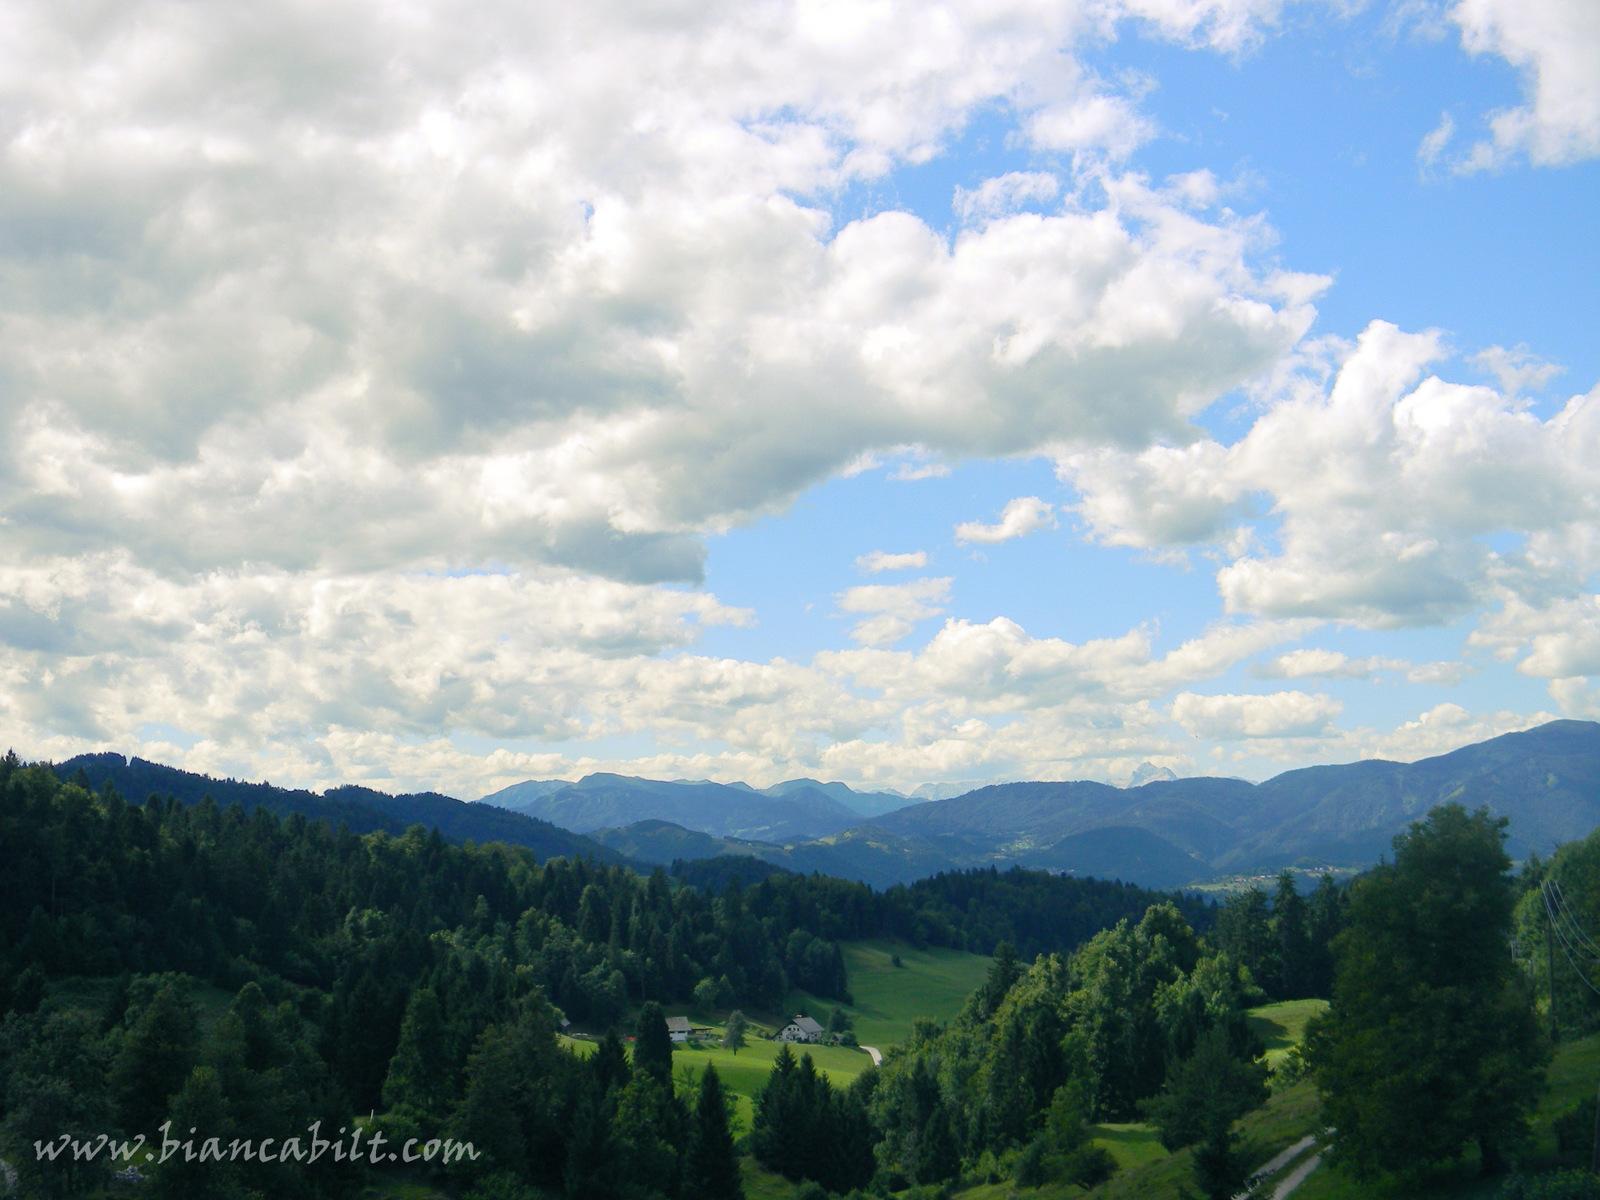 În ultima zi am avut parte de niște peisaje care aduceau foarte mult cu Munții Apuseni.